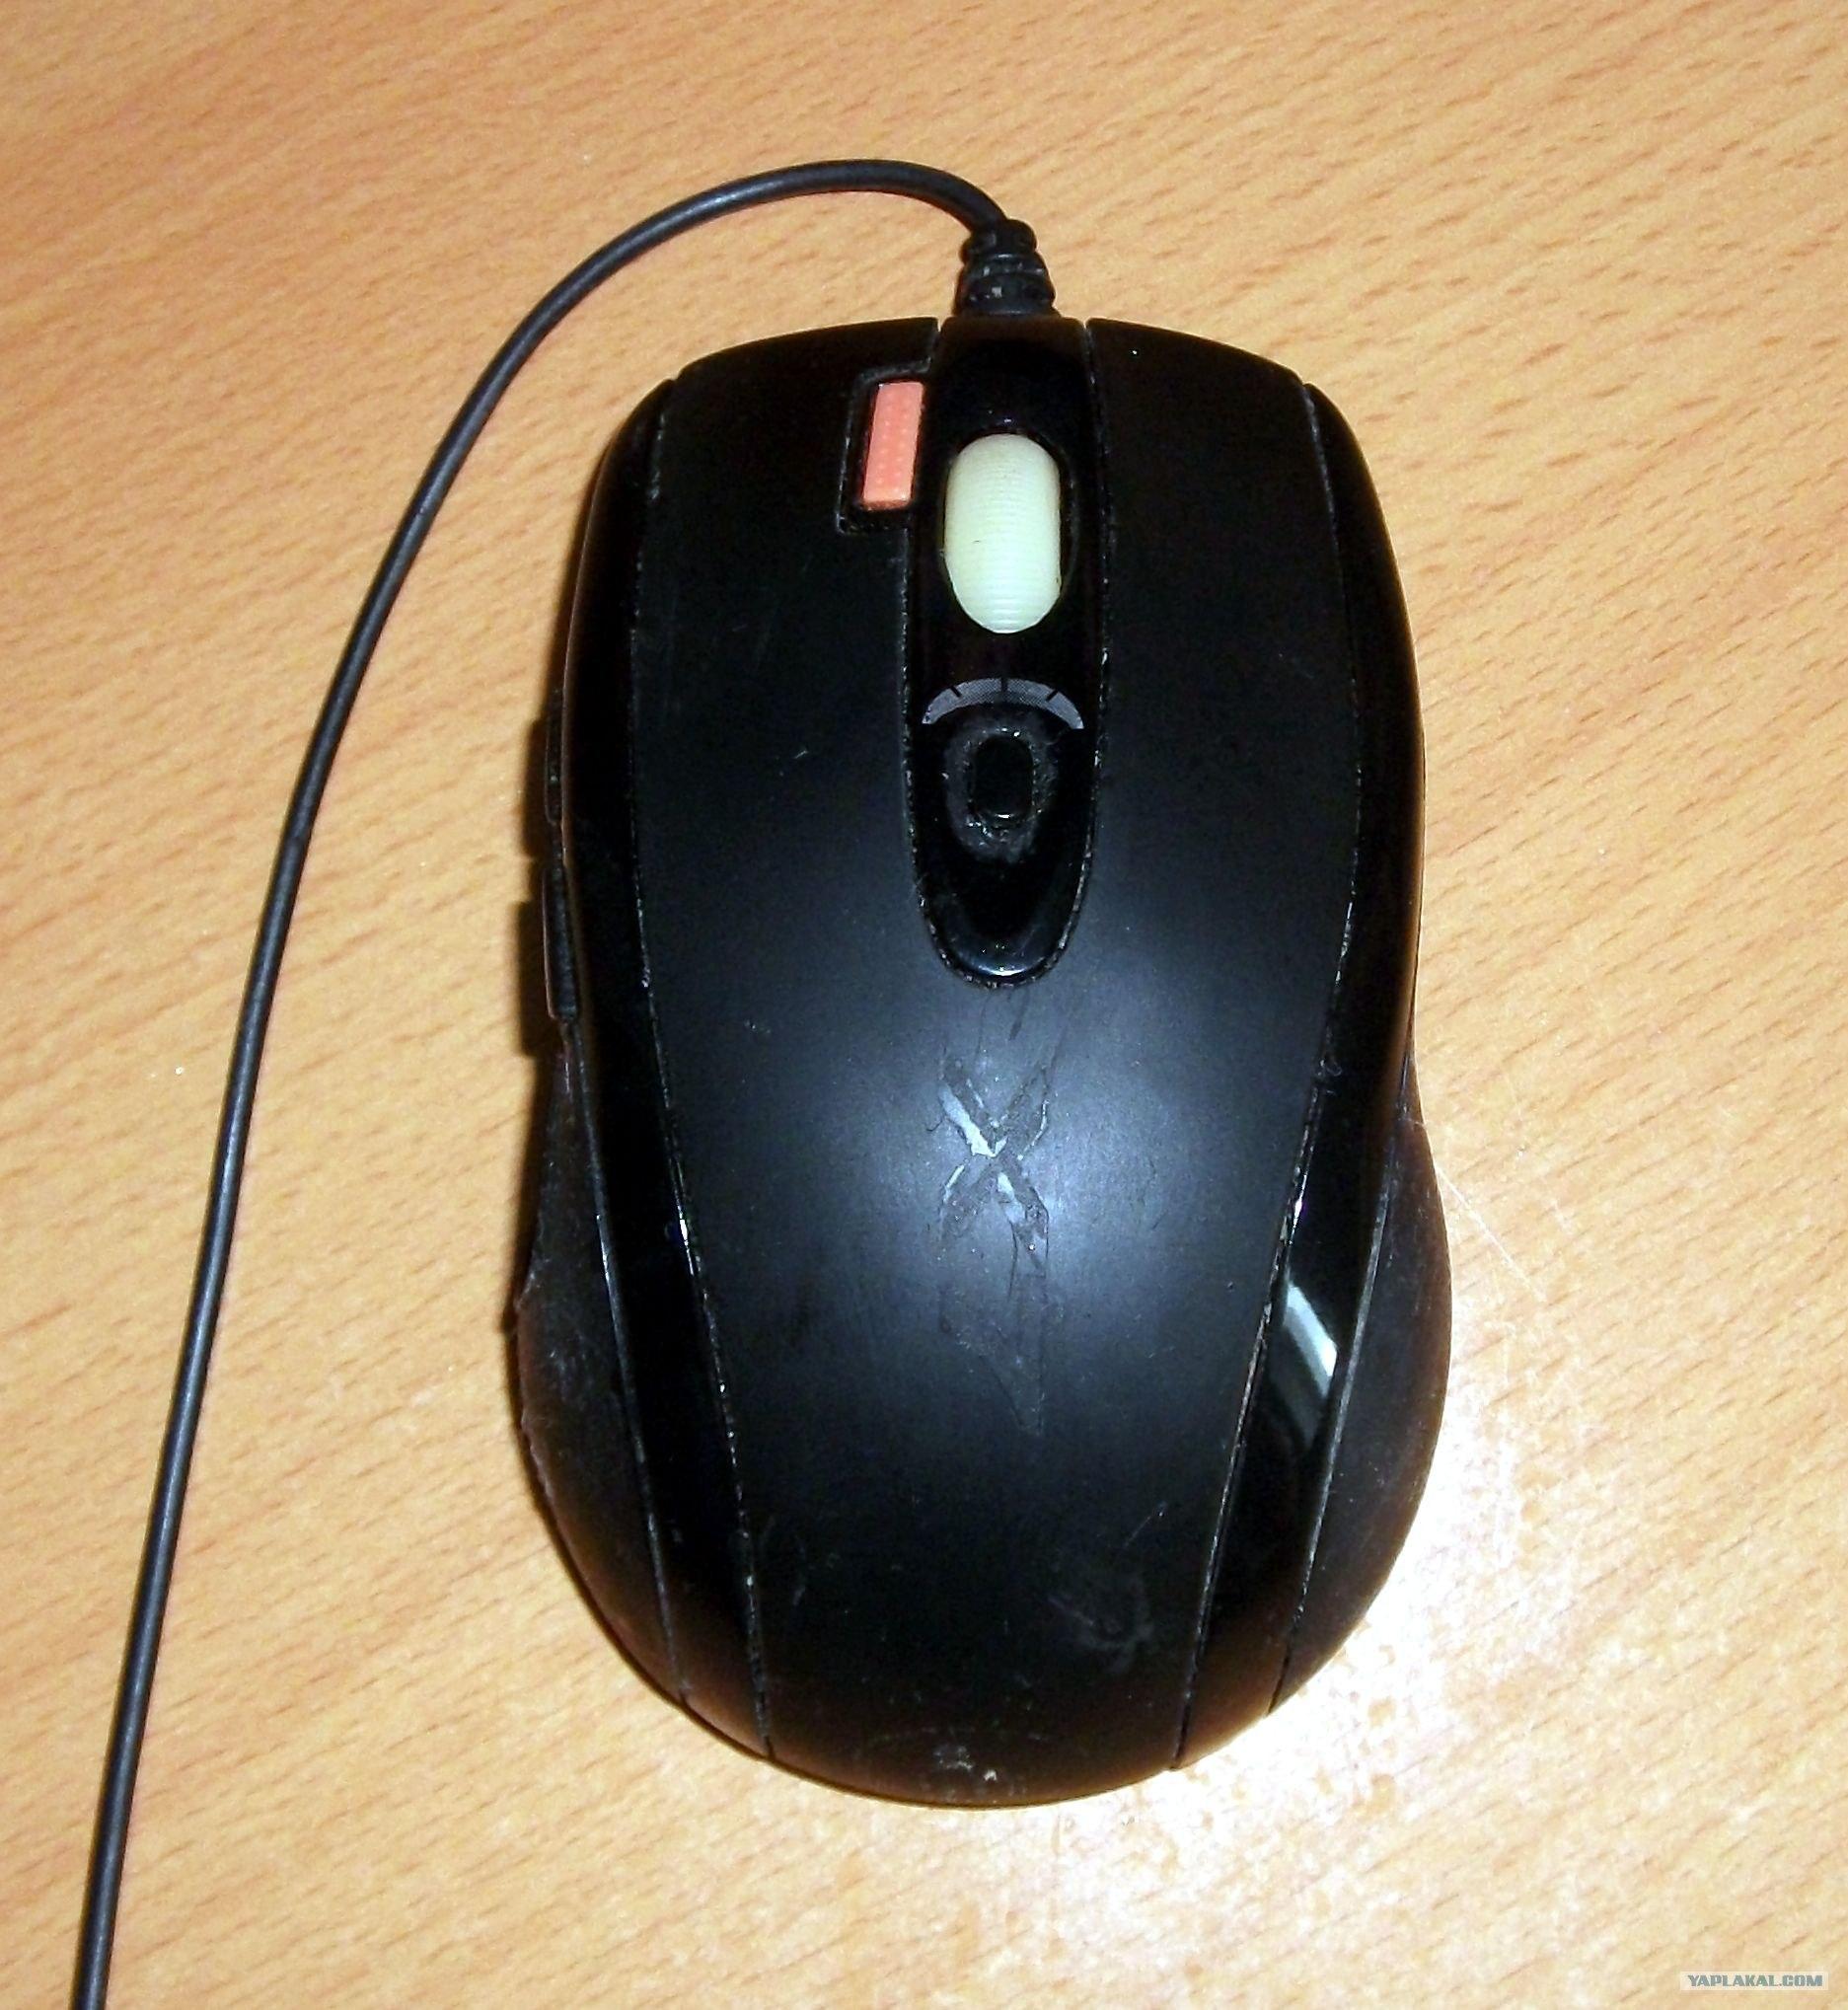 Как сделать беспроводную мышь самому